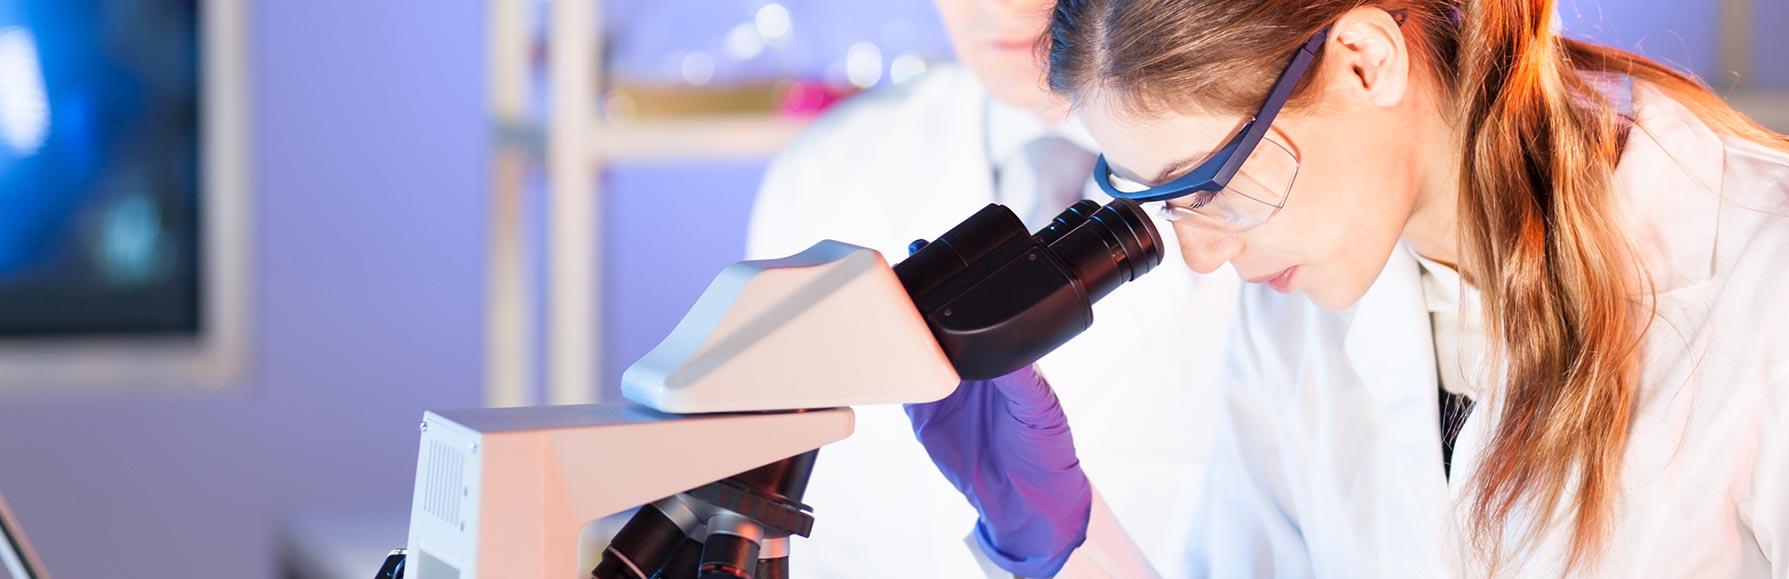 News sul trapianto di fegato, Farmacia Assarotti GE